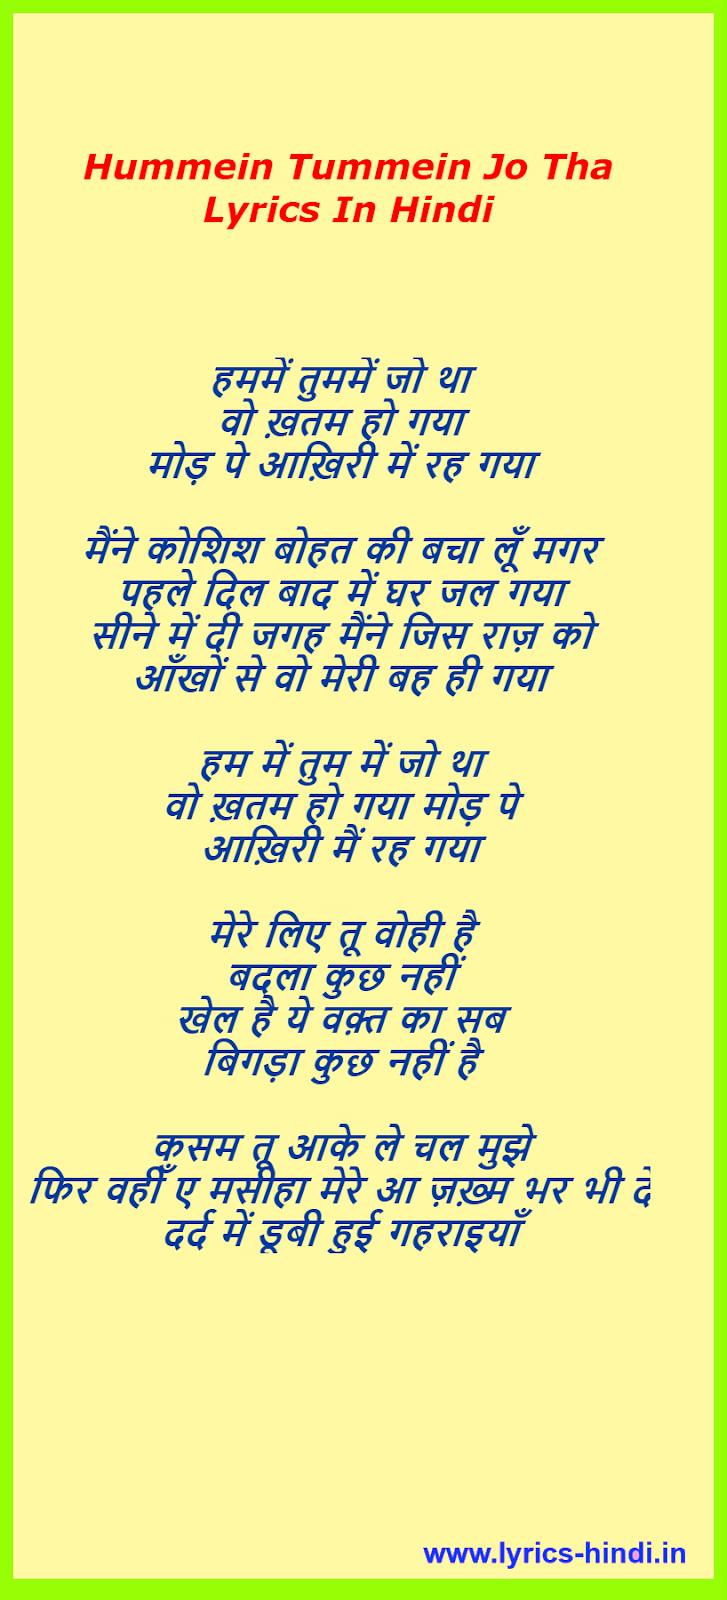 Hummein Tummein Jo Tha Lyrics In Hindi